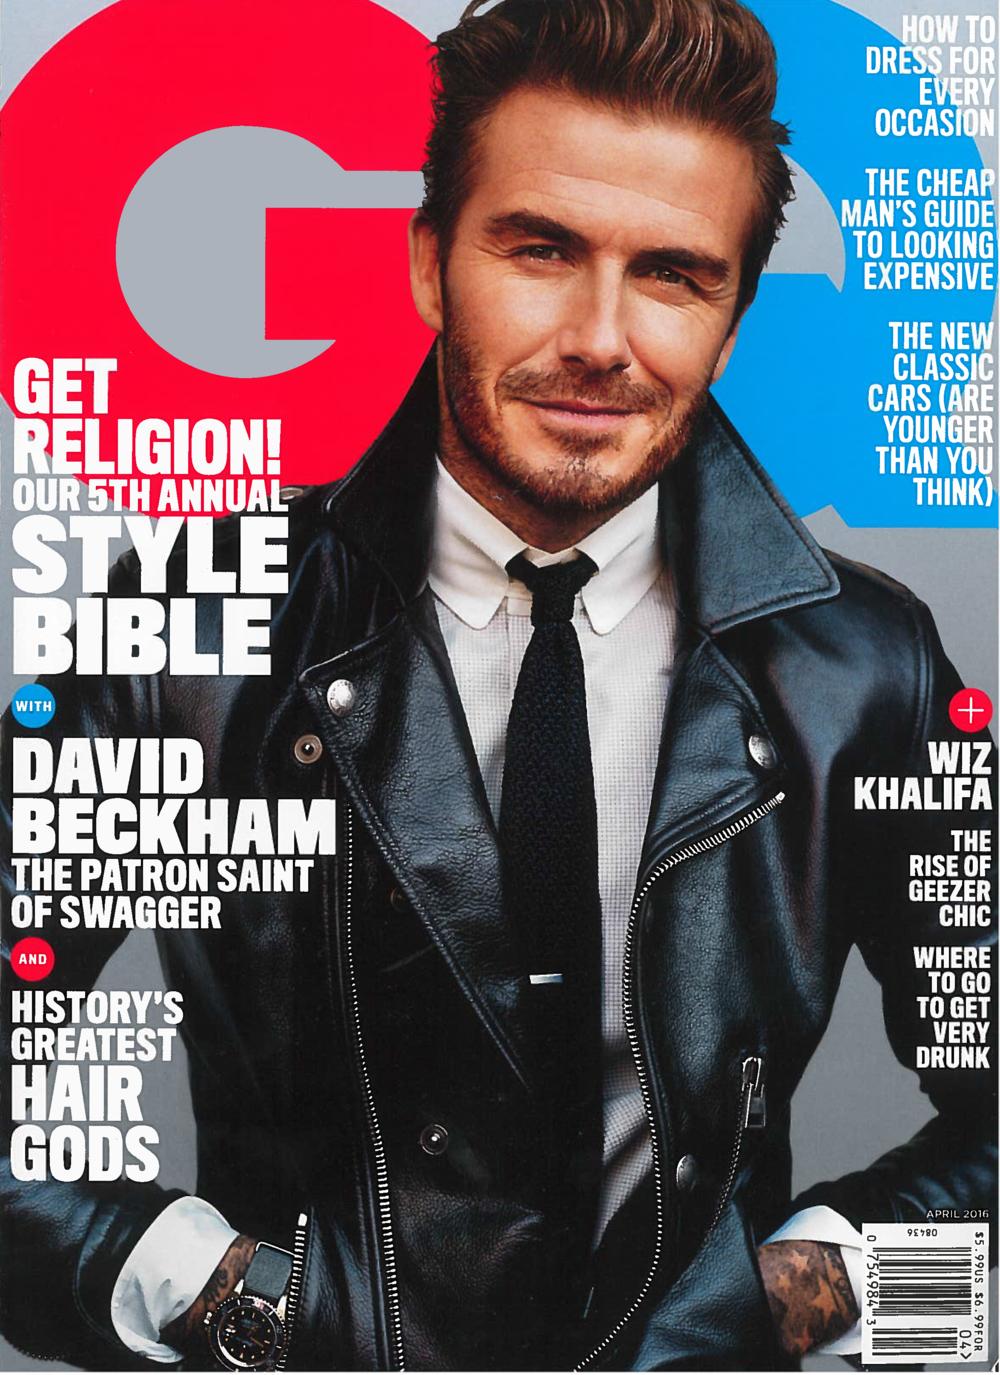 gq magazine - men's / fashion